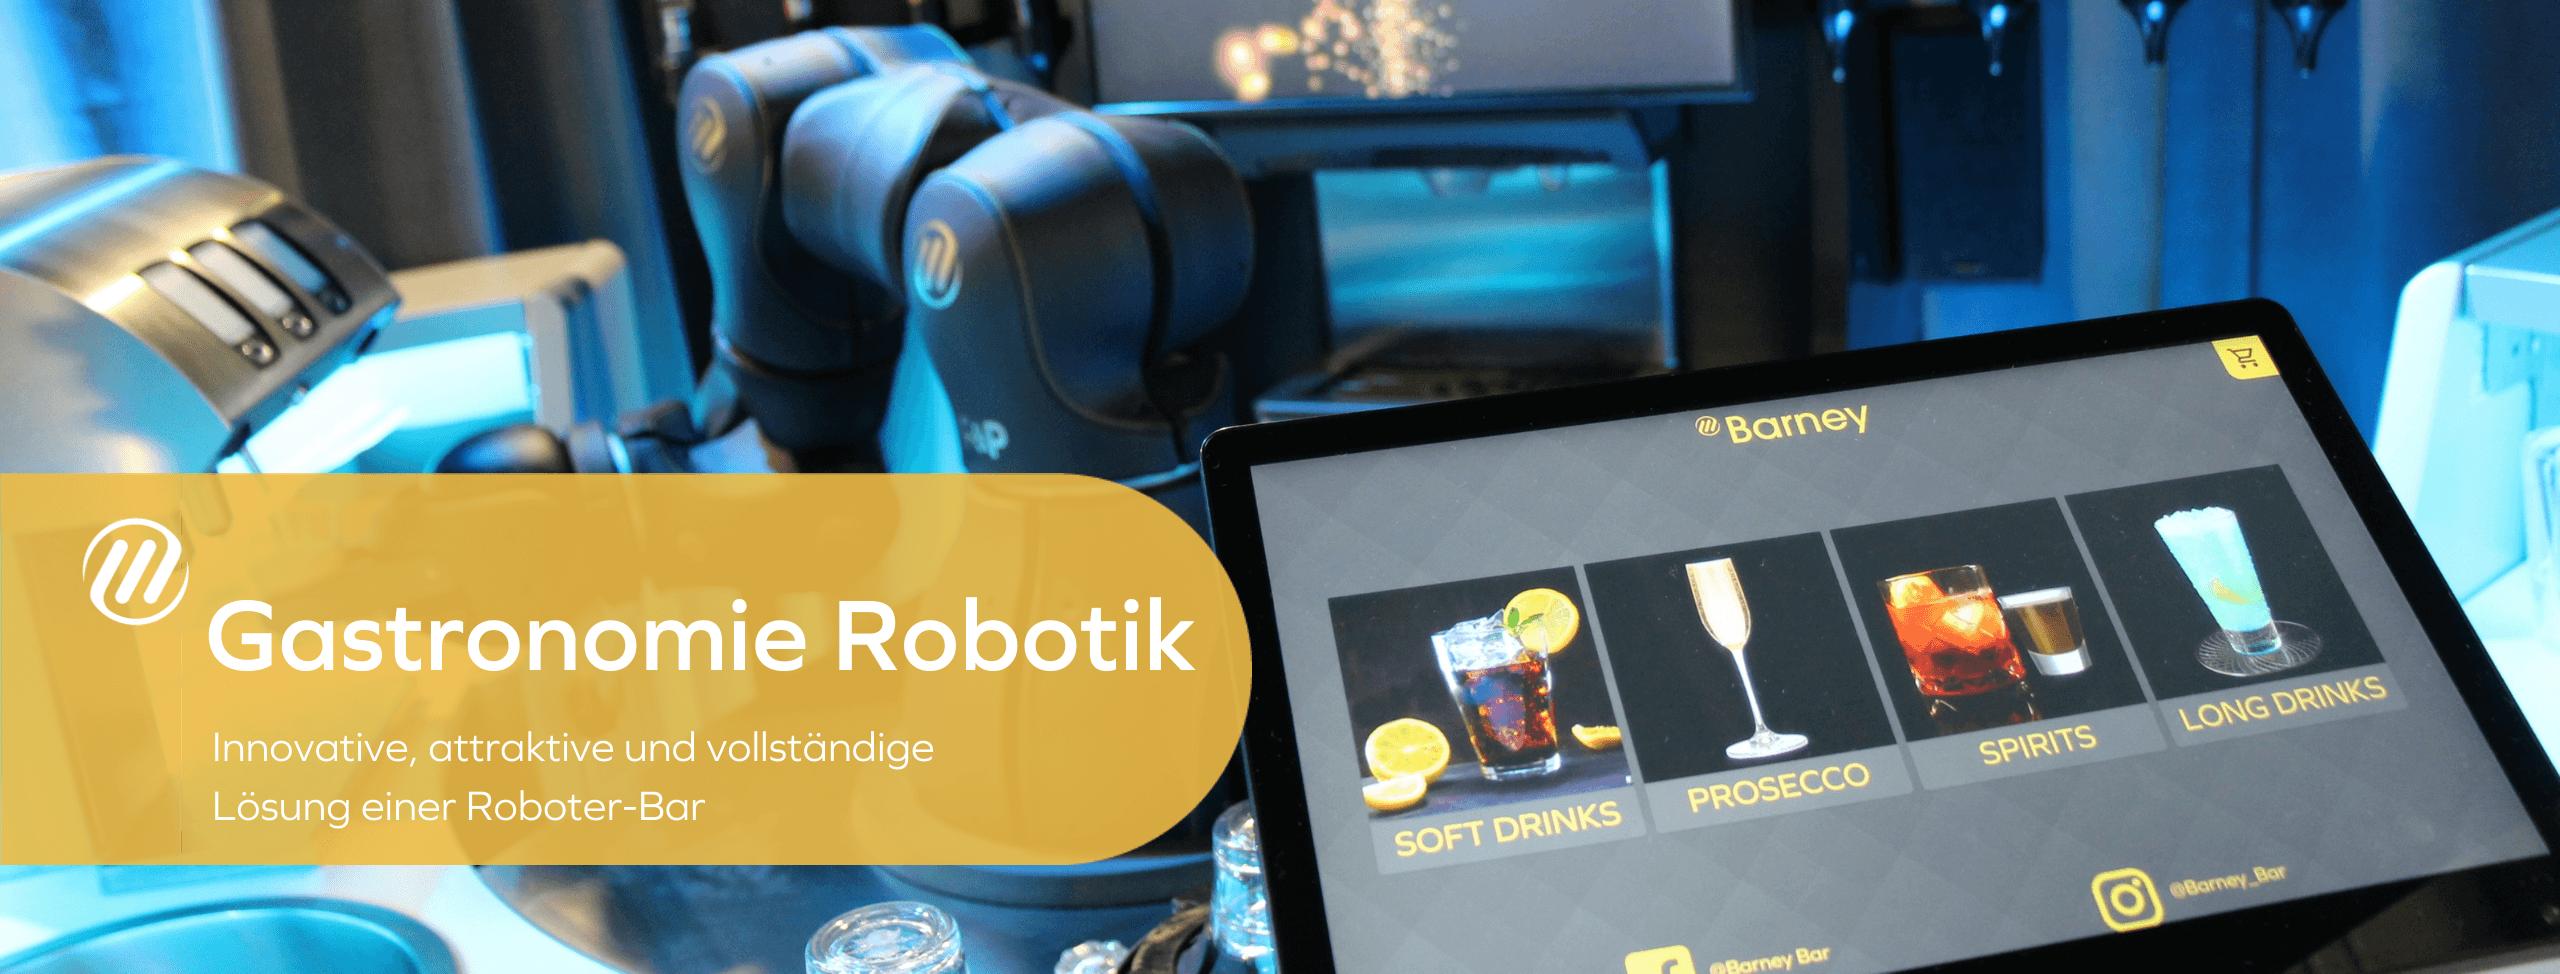 Gastronomie Robotik - Innovative, attraktive und vollständige Lösung einer Roboter-Bar